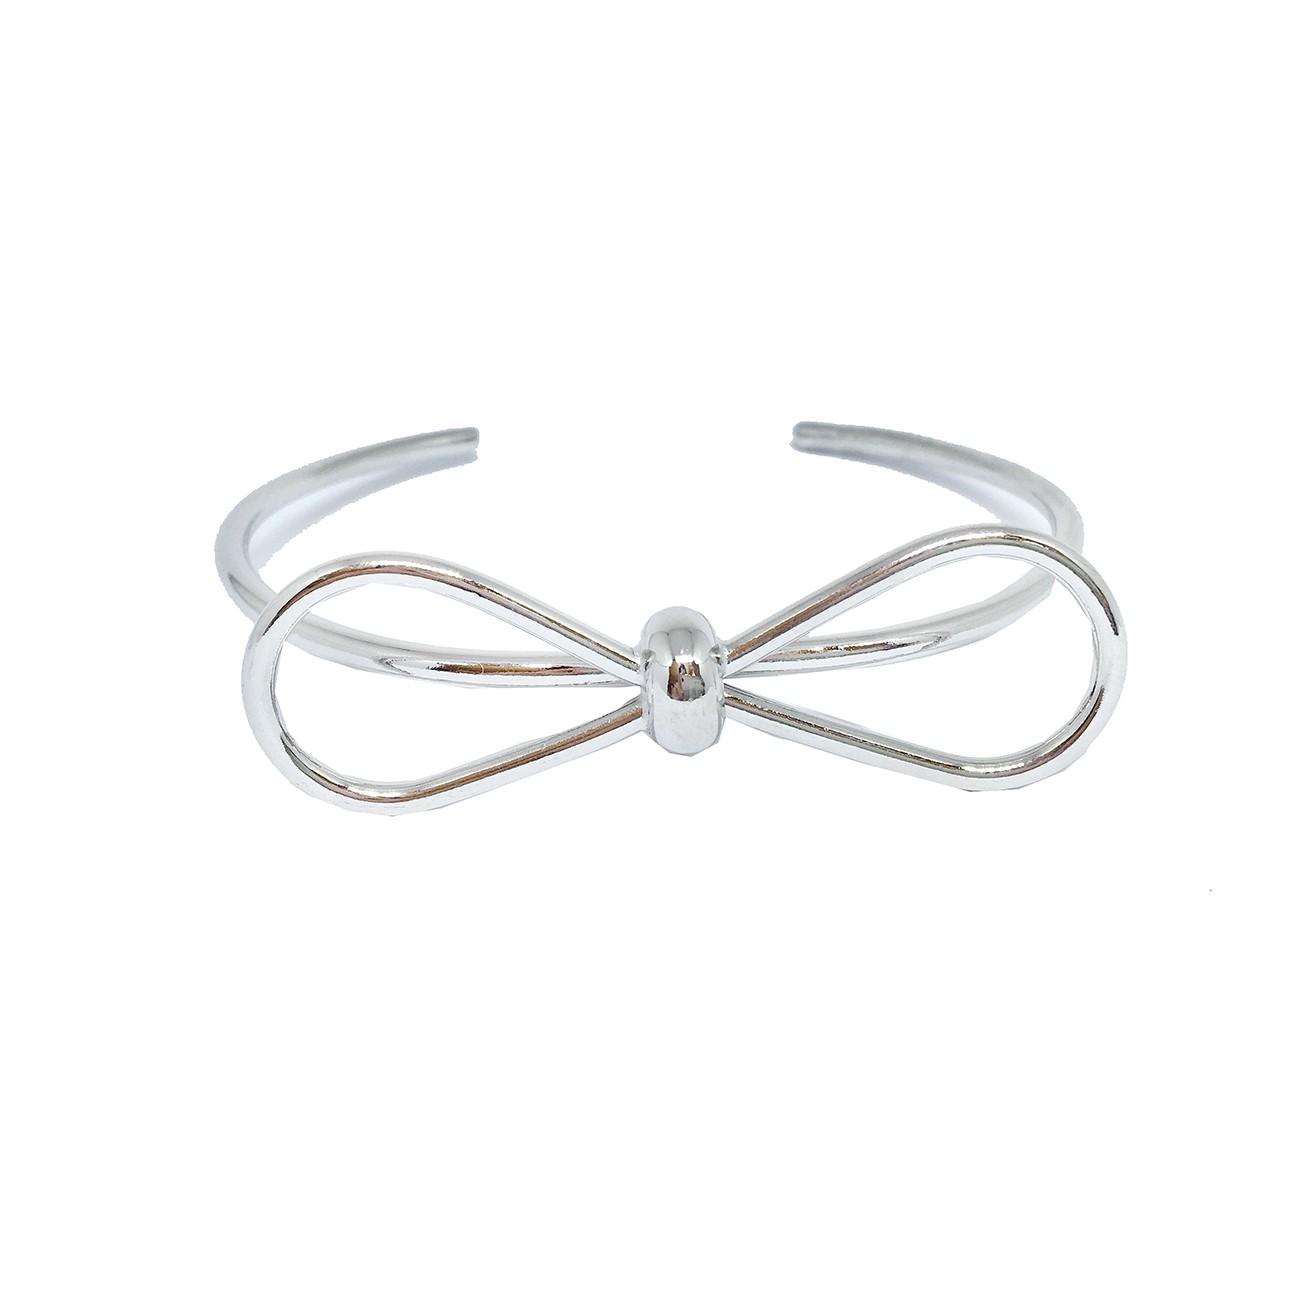 Bracelete de Lacinho Banhado a Prata